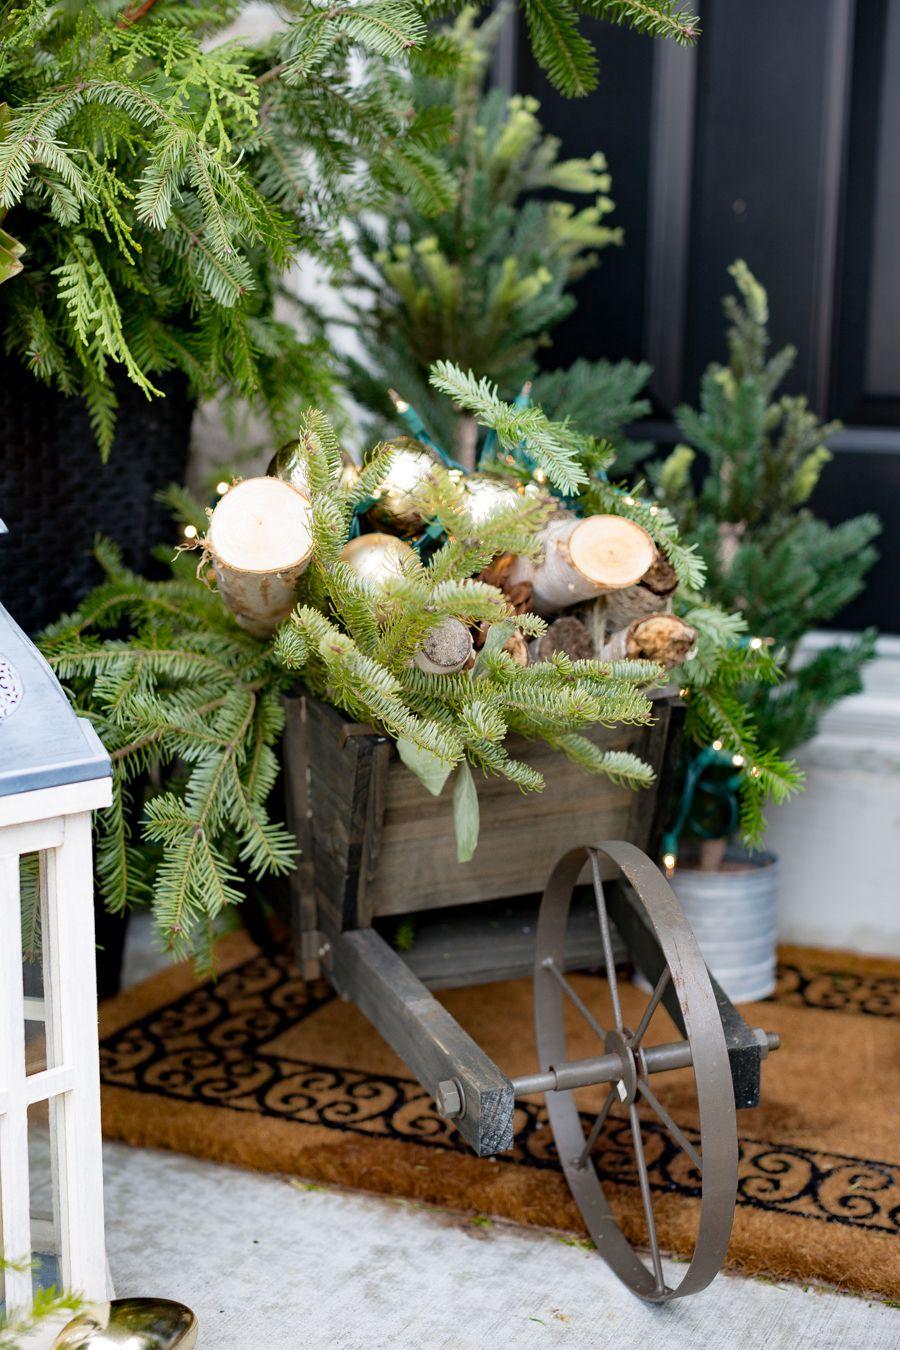 Kreative Ideen Fur Weihnachtsdeko Draussen Fuhrwerk Mit Brennholz